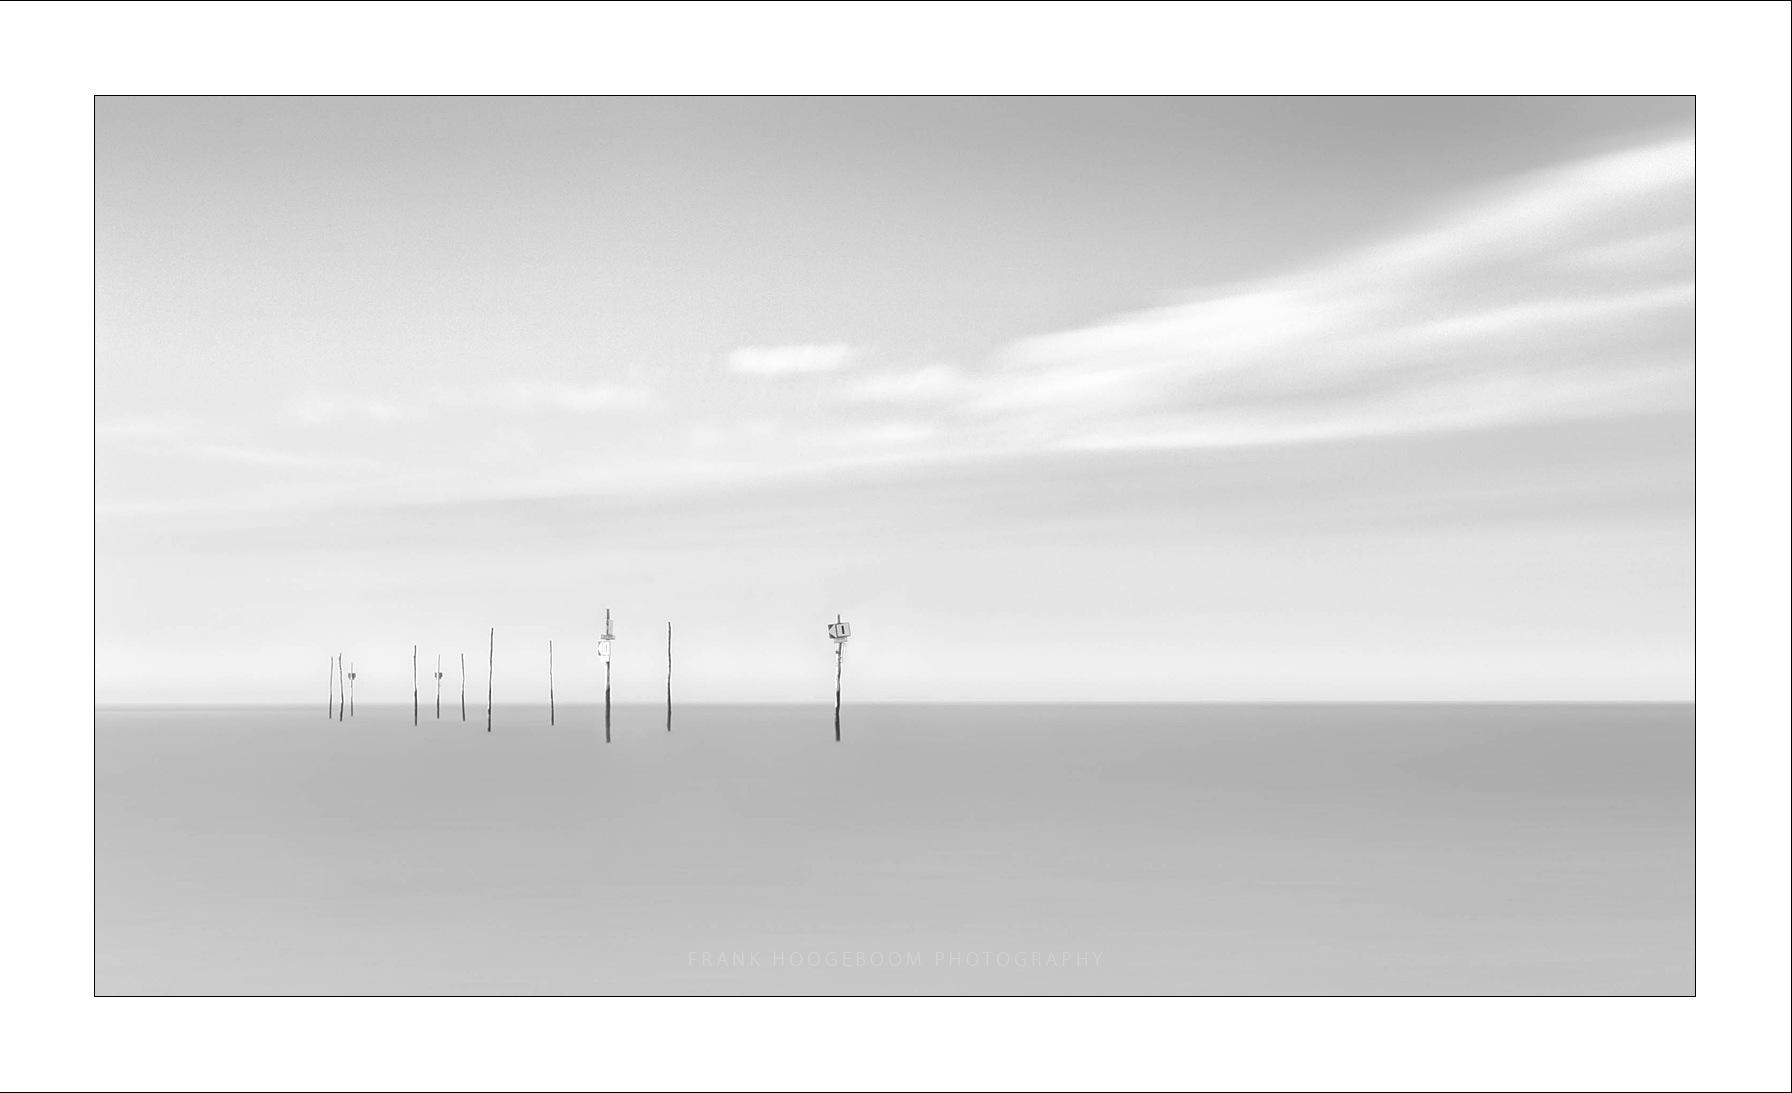 Solitude II by Frank Hoogeboom